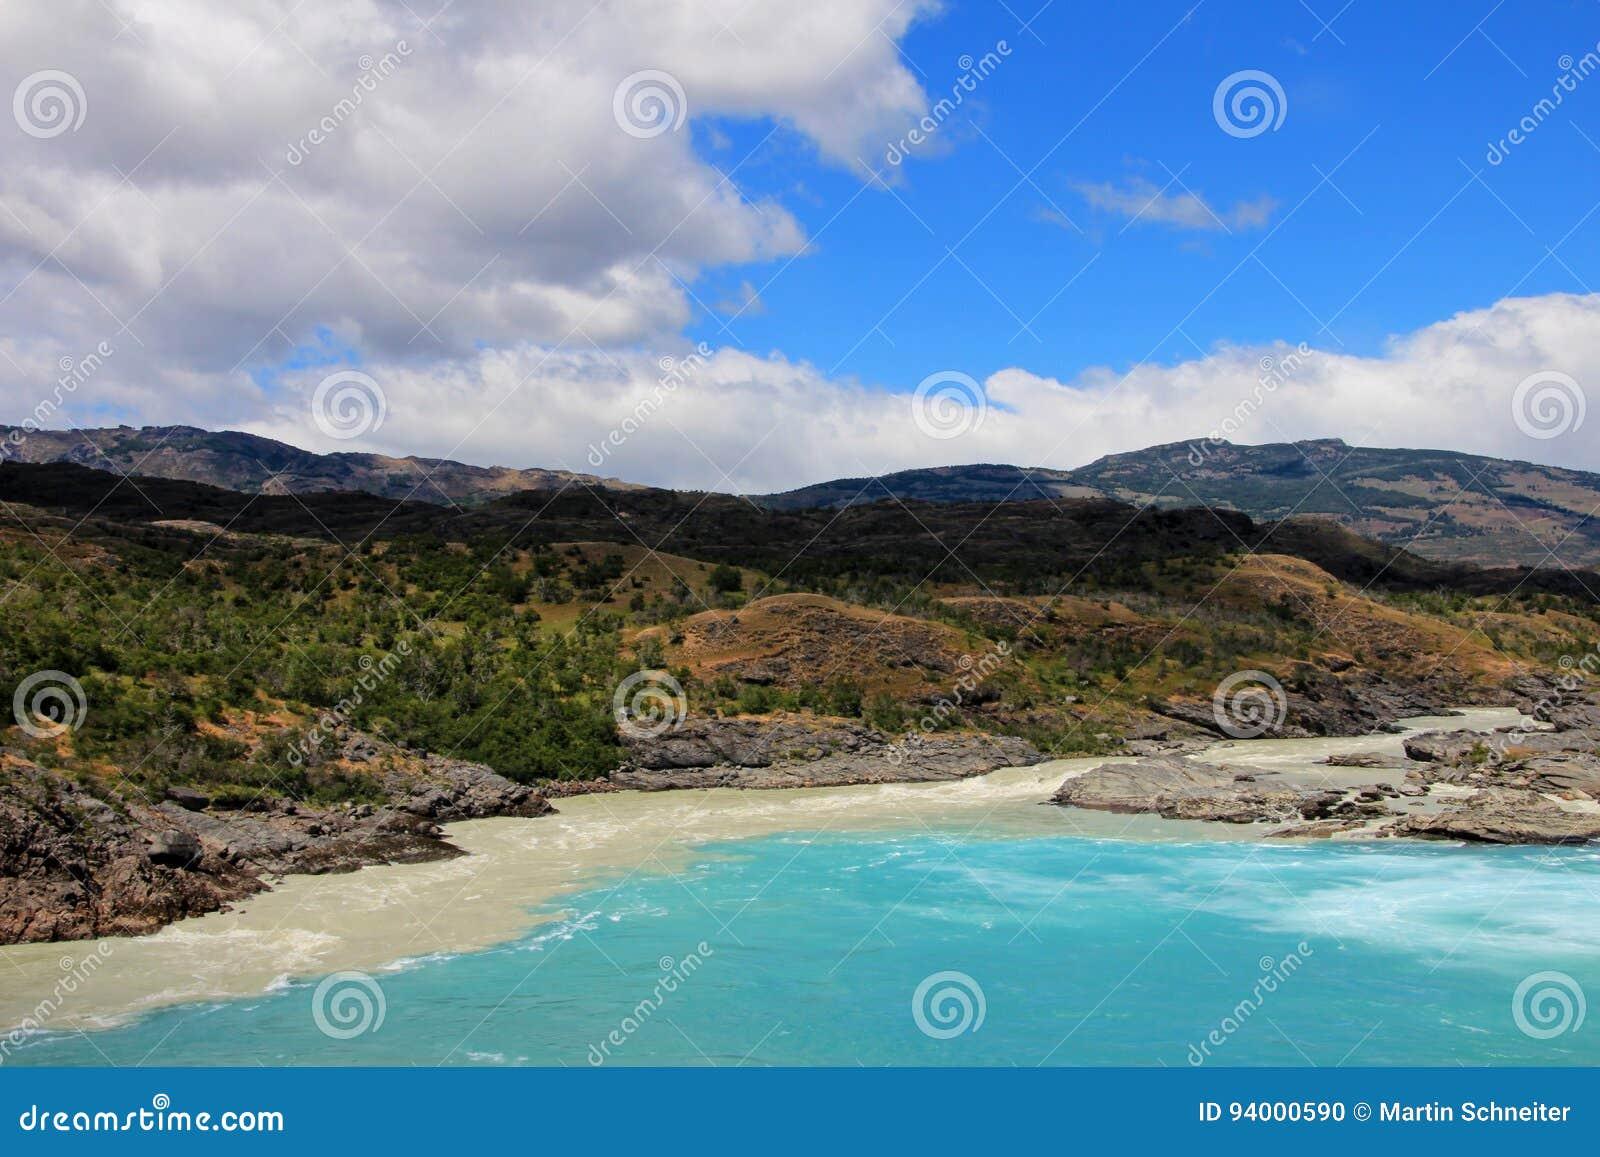 Confluent de rivière de Baker et de rivière de Neff, Carretera austral, Chili